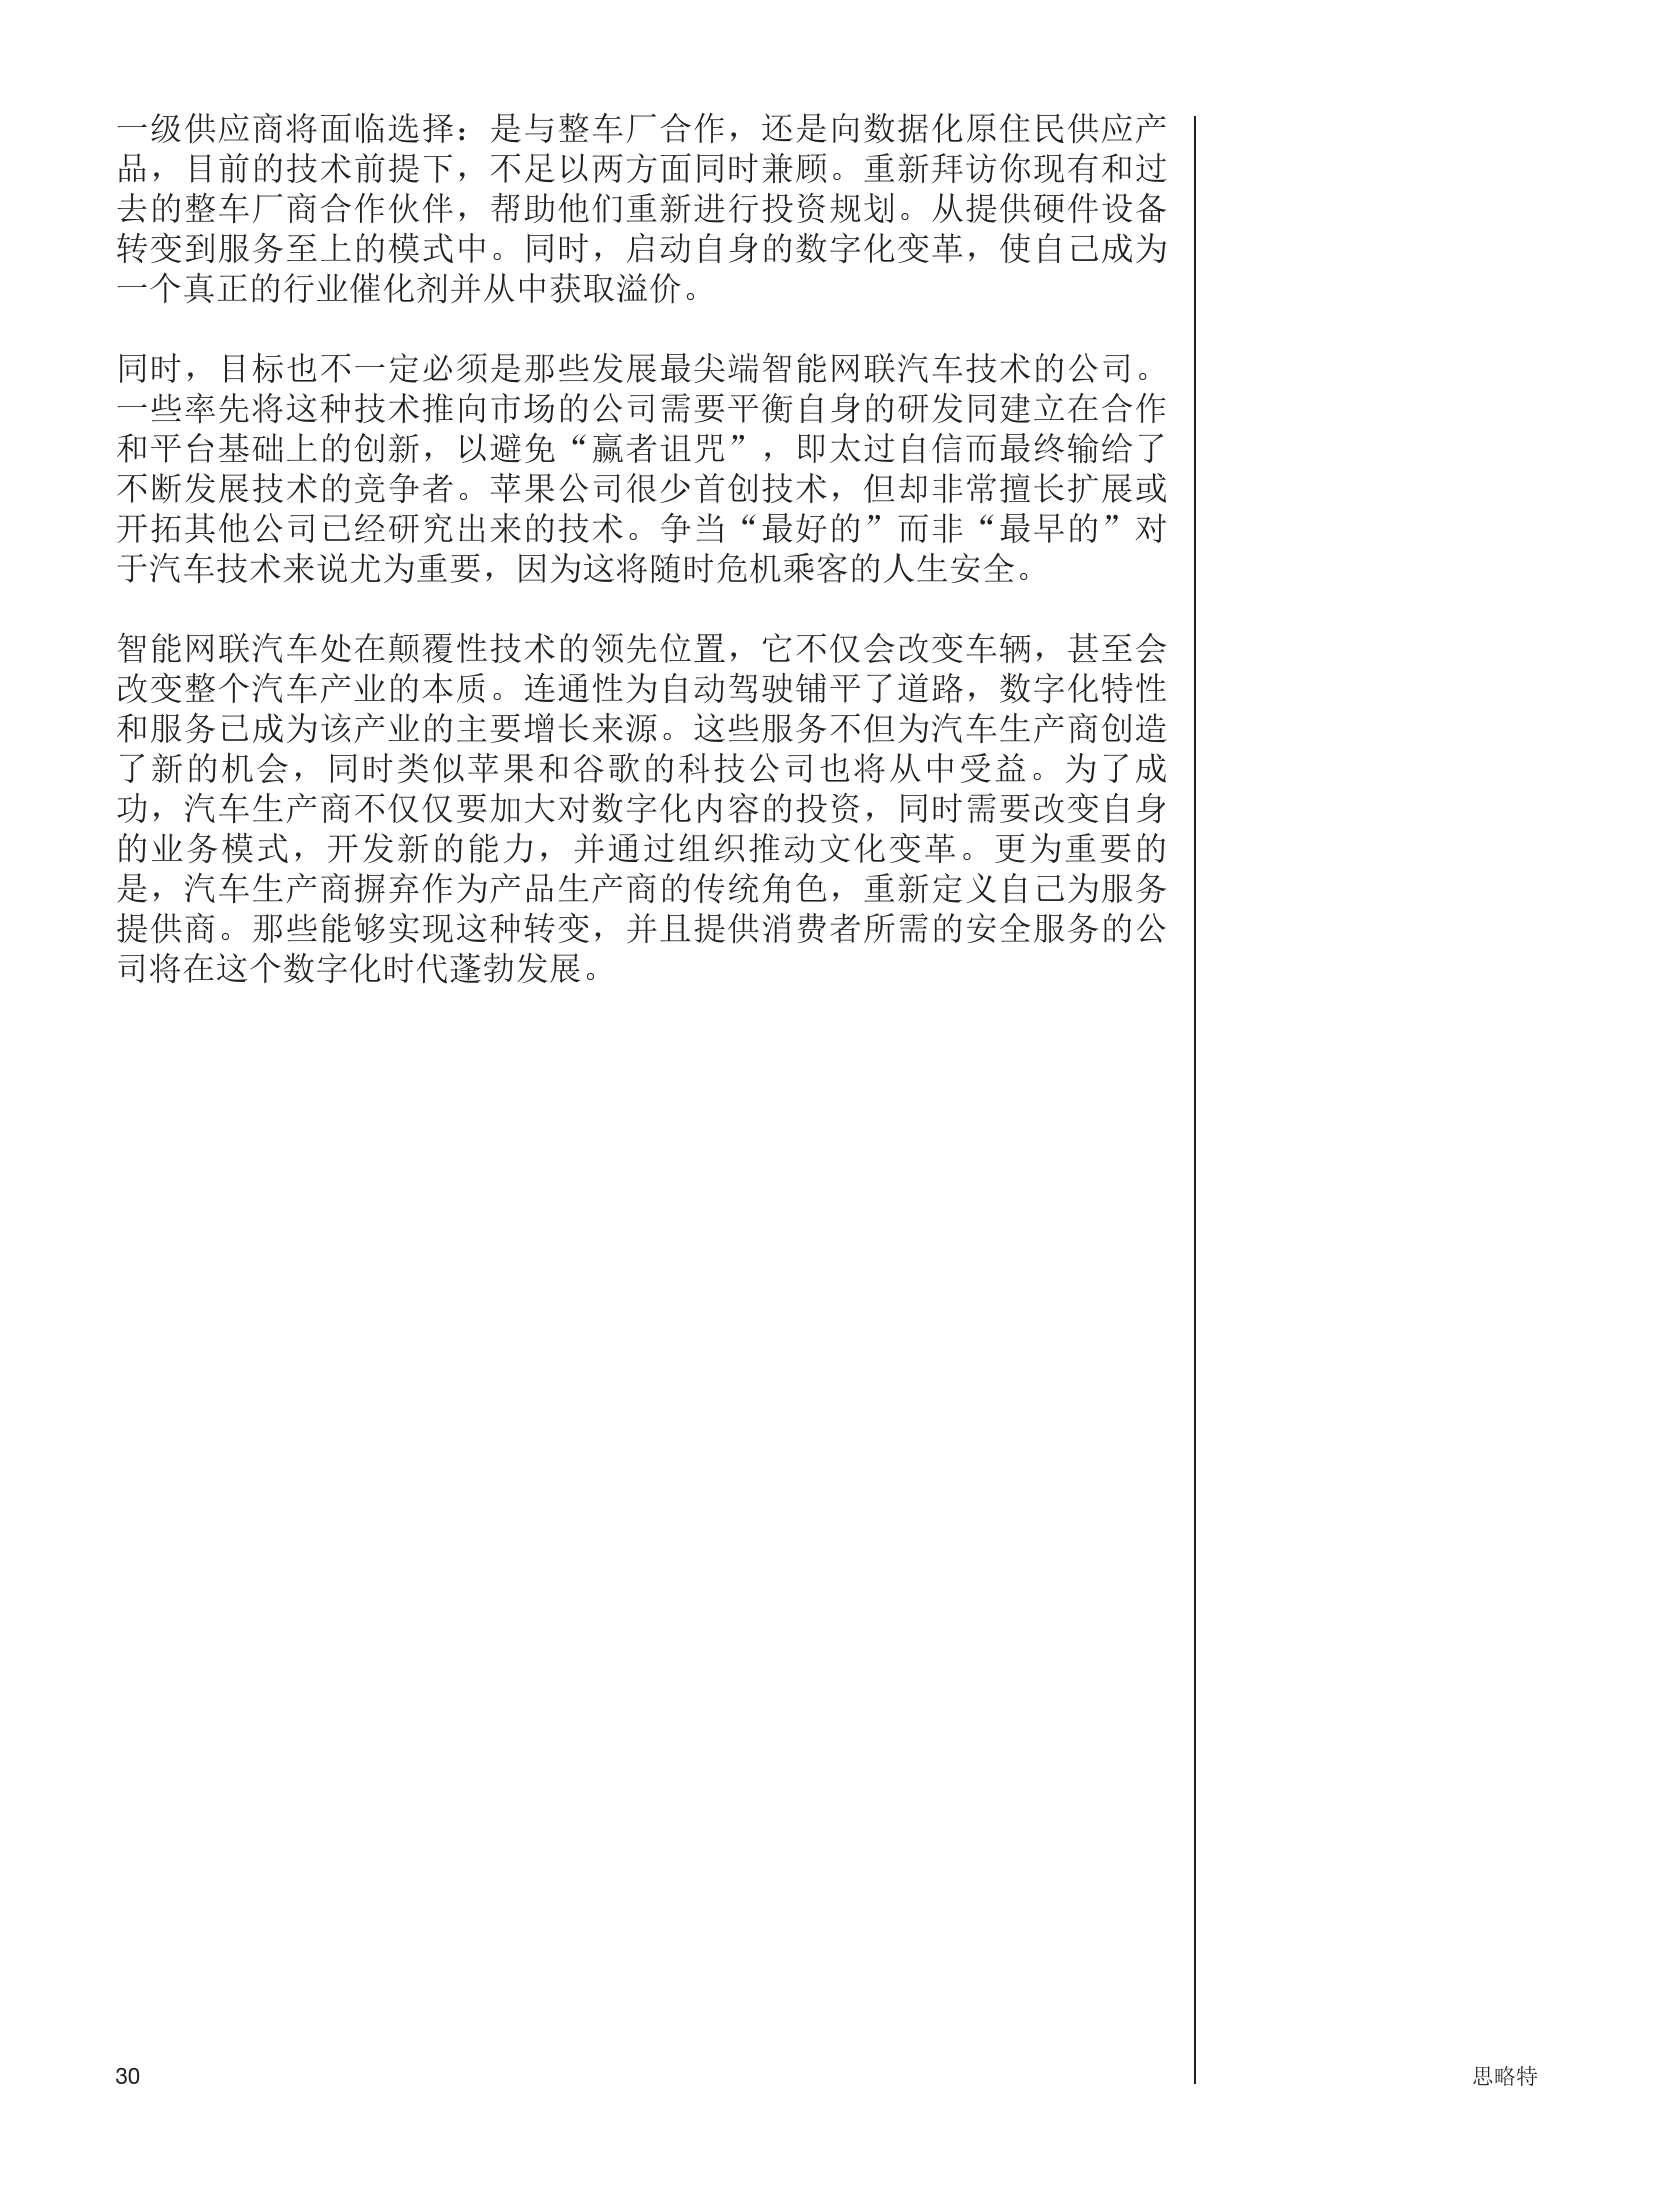 2015智能网联汽车调查_000030